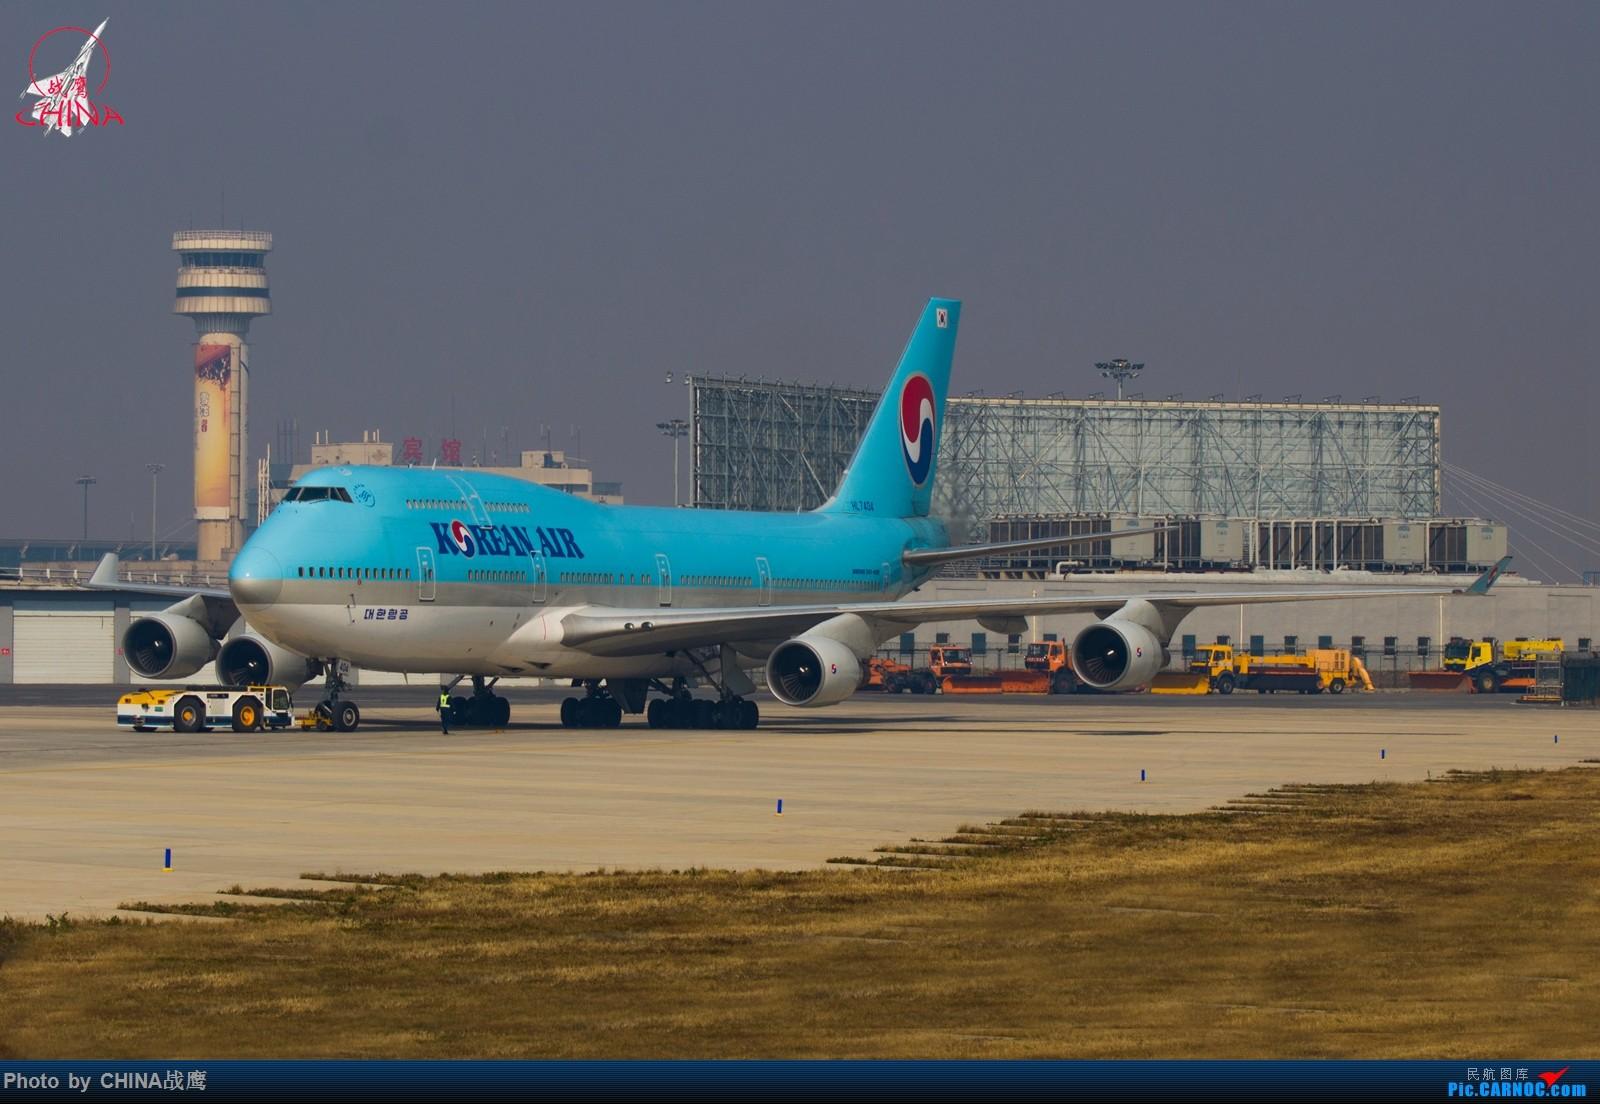 Re:[原创]【SHE】第三季度桃仙拍飞机集锦 BOEING 747-400 HL-7404 中国沈阳桃仙国际机场